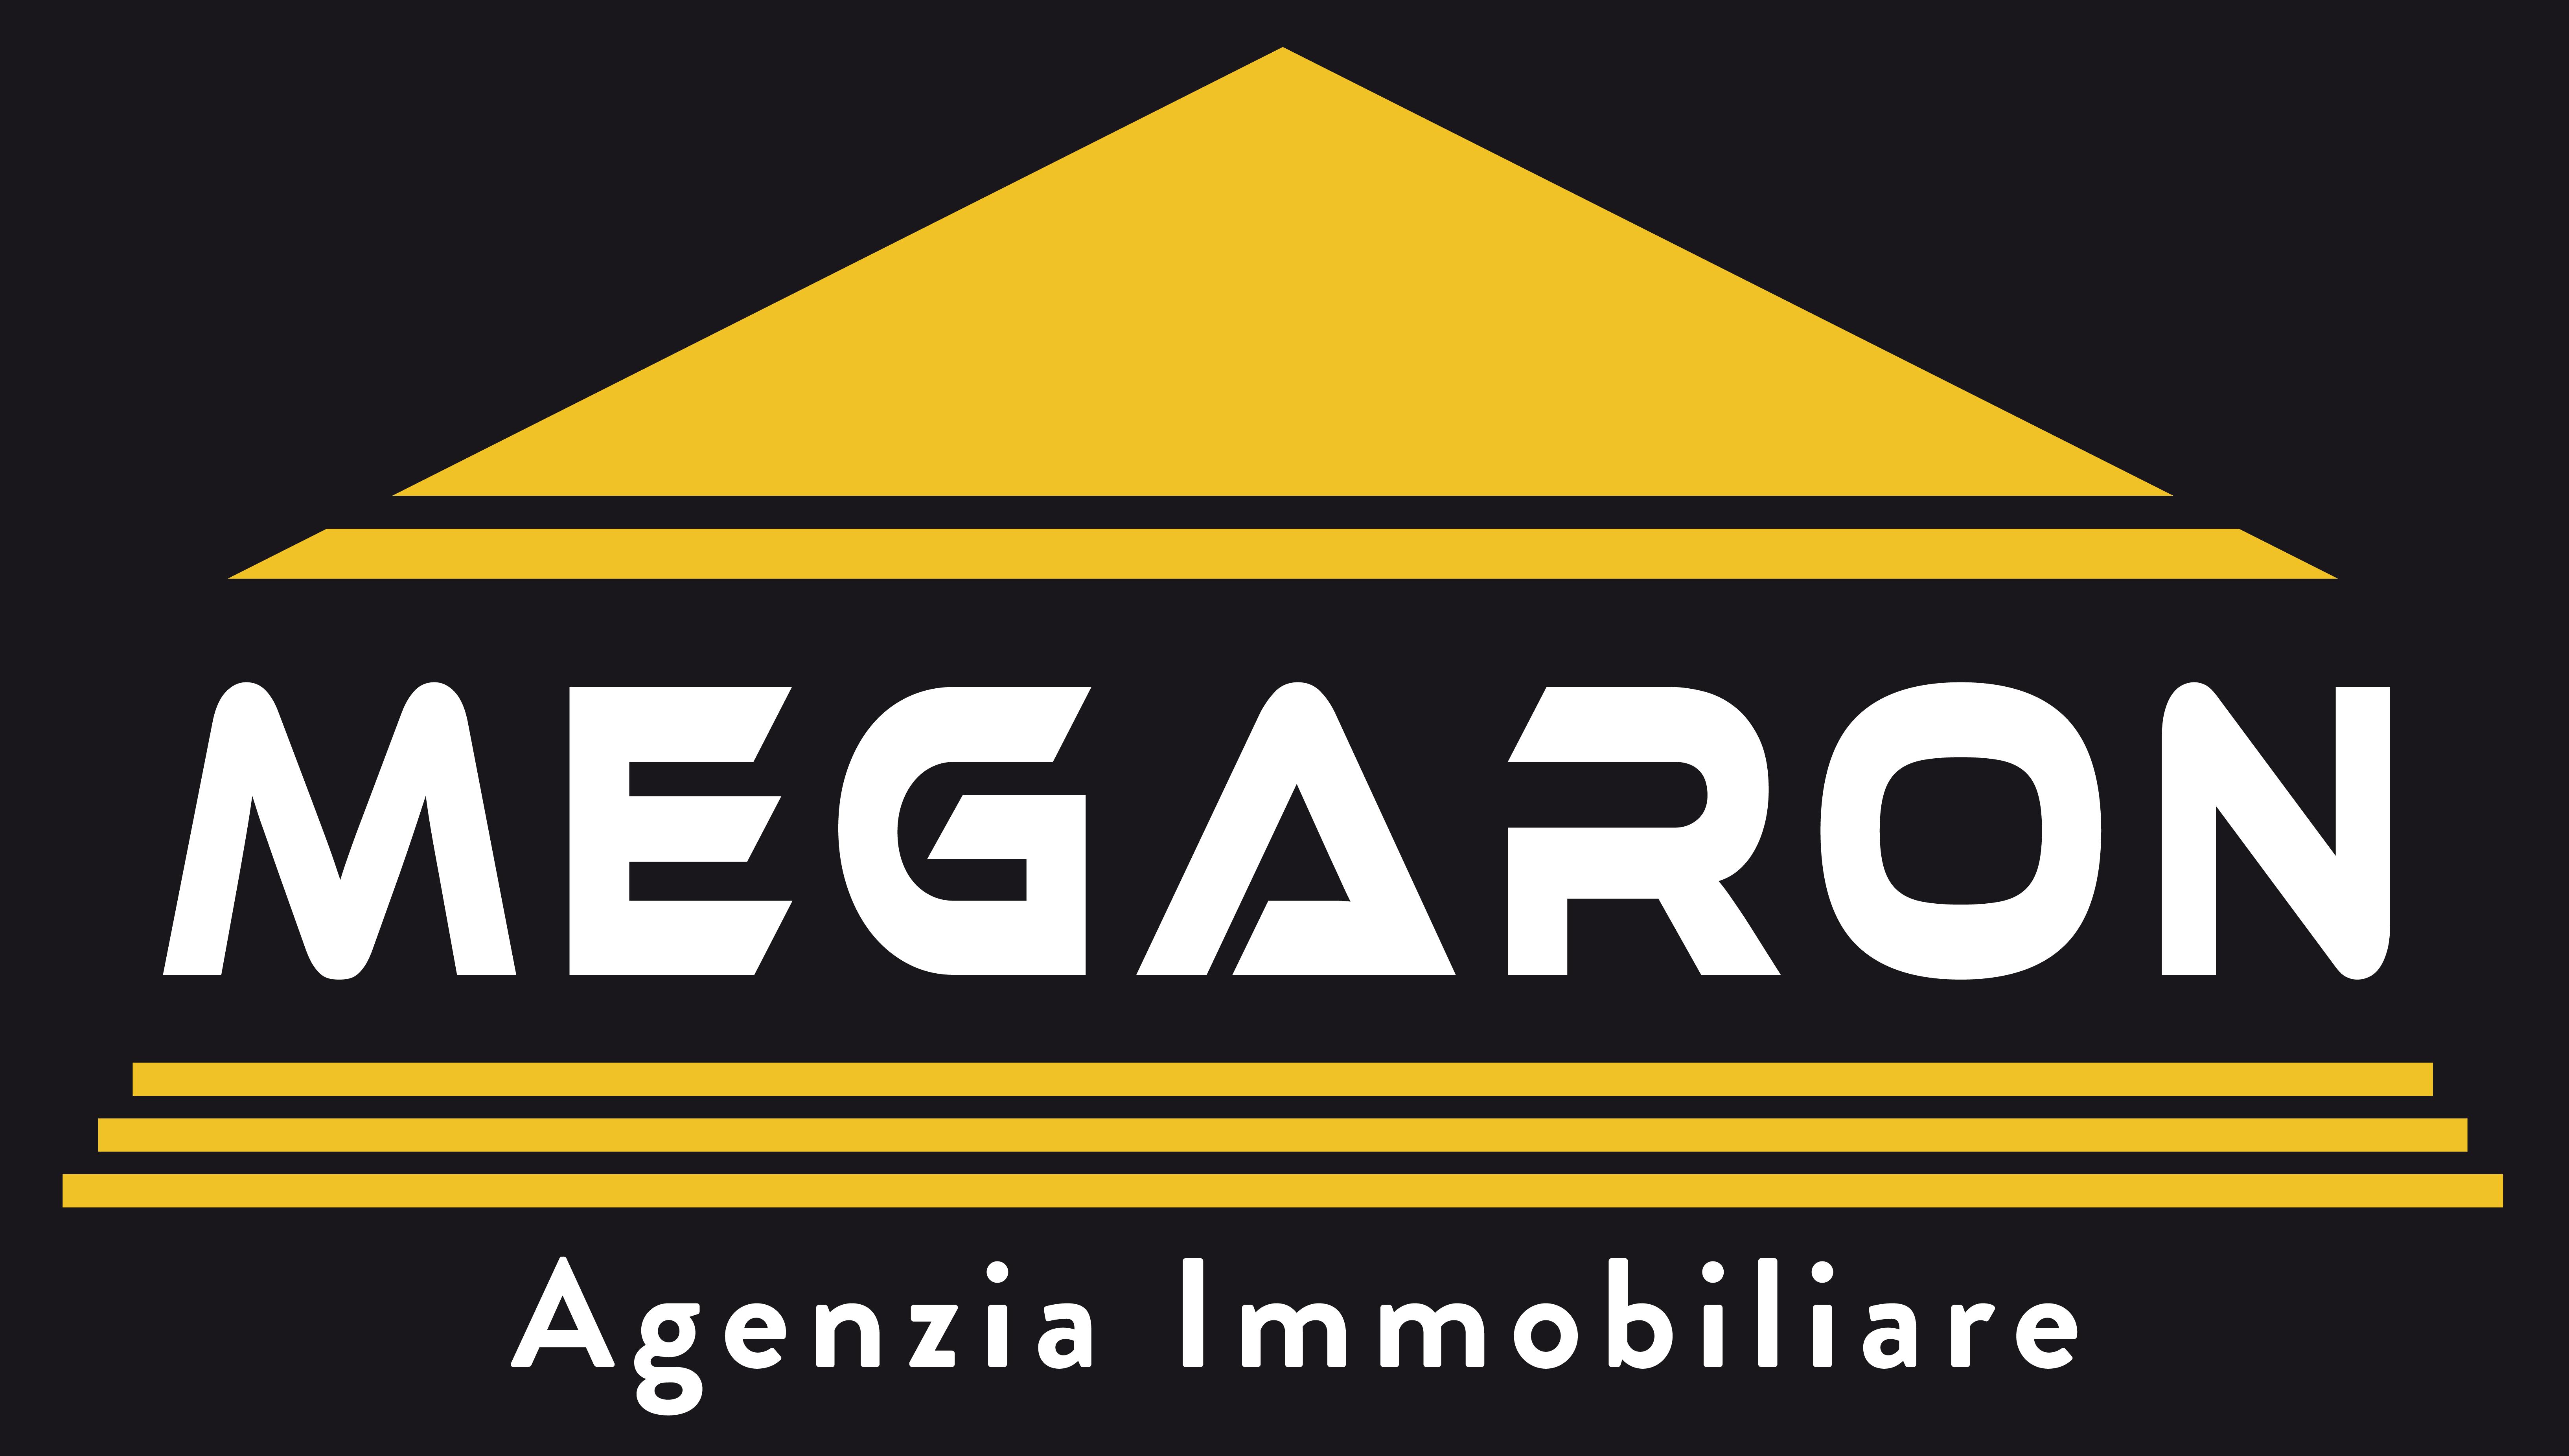 logo MEGARON - Ag. Immobiliare Viareggio